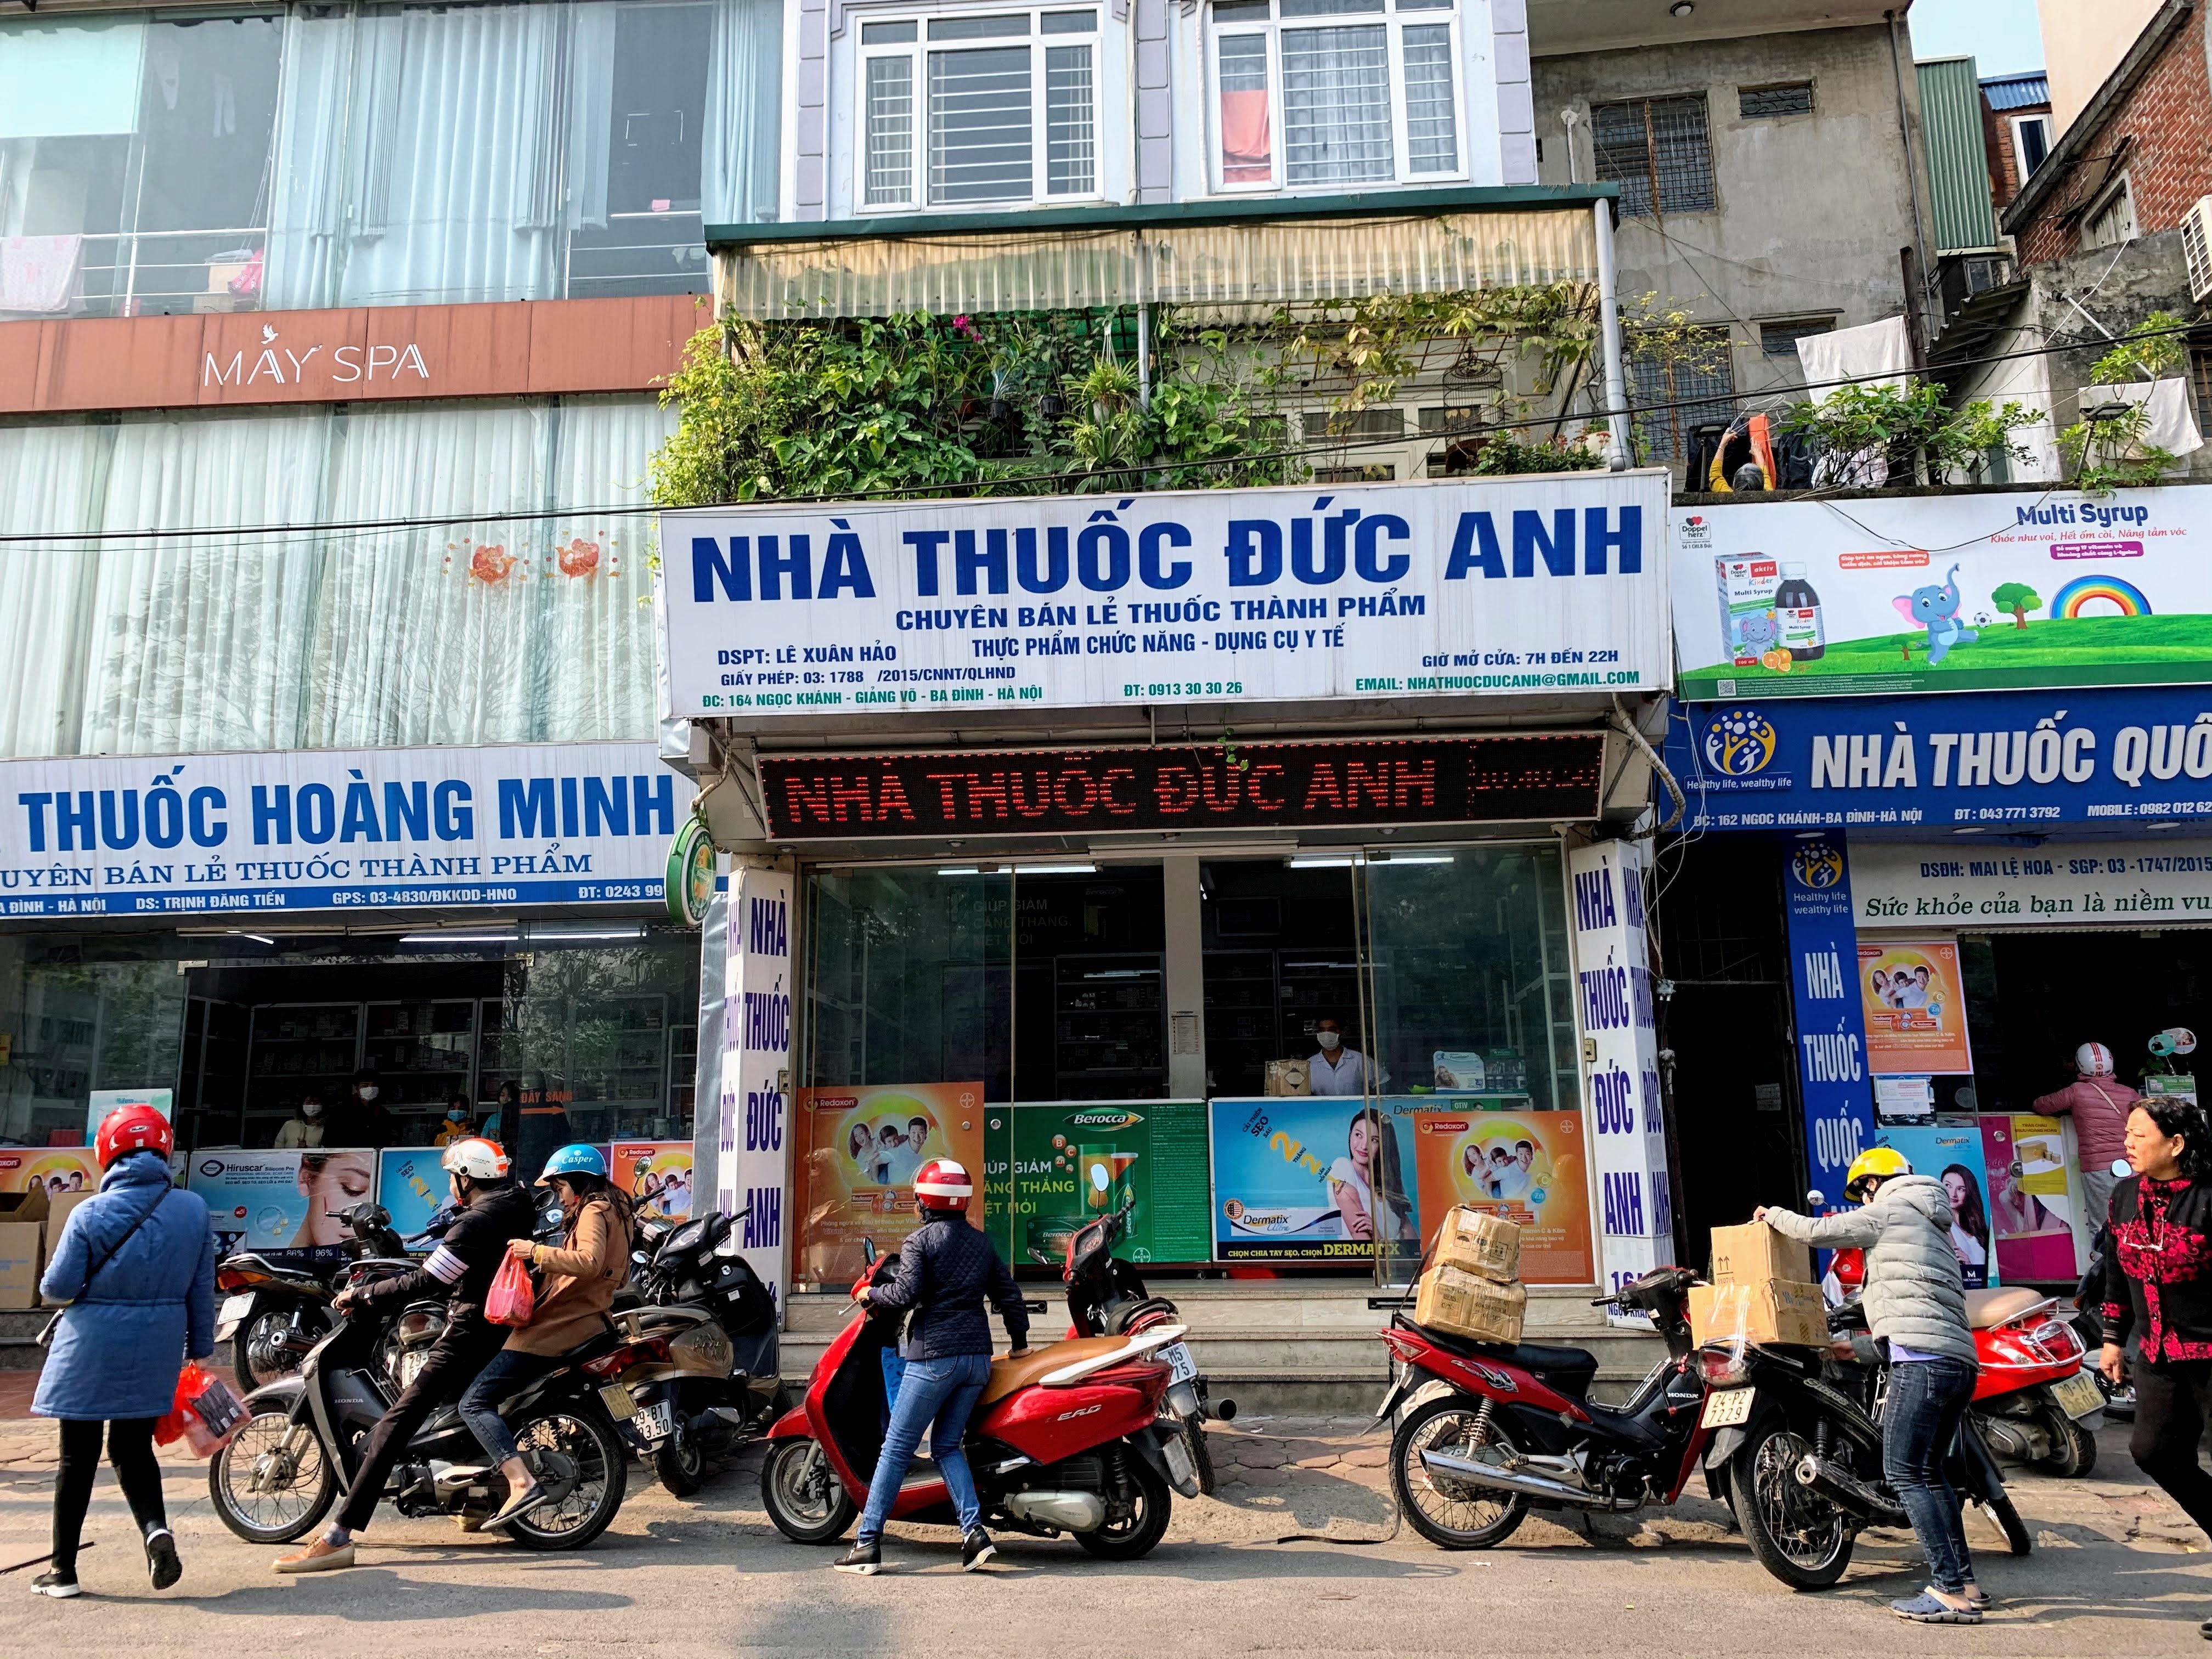 Giữa đại dịch, doanh nghiệp Việt này vẫn mở thêm hàng trăm cửa hàng mới, gọi vốn thành công và đặt mục tiêu tăng trưởng 230% - Ảnh 3.